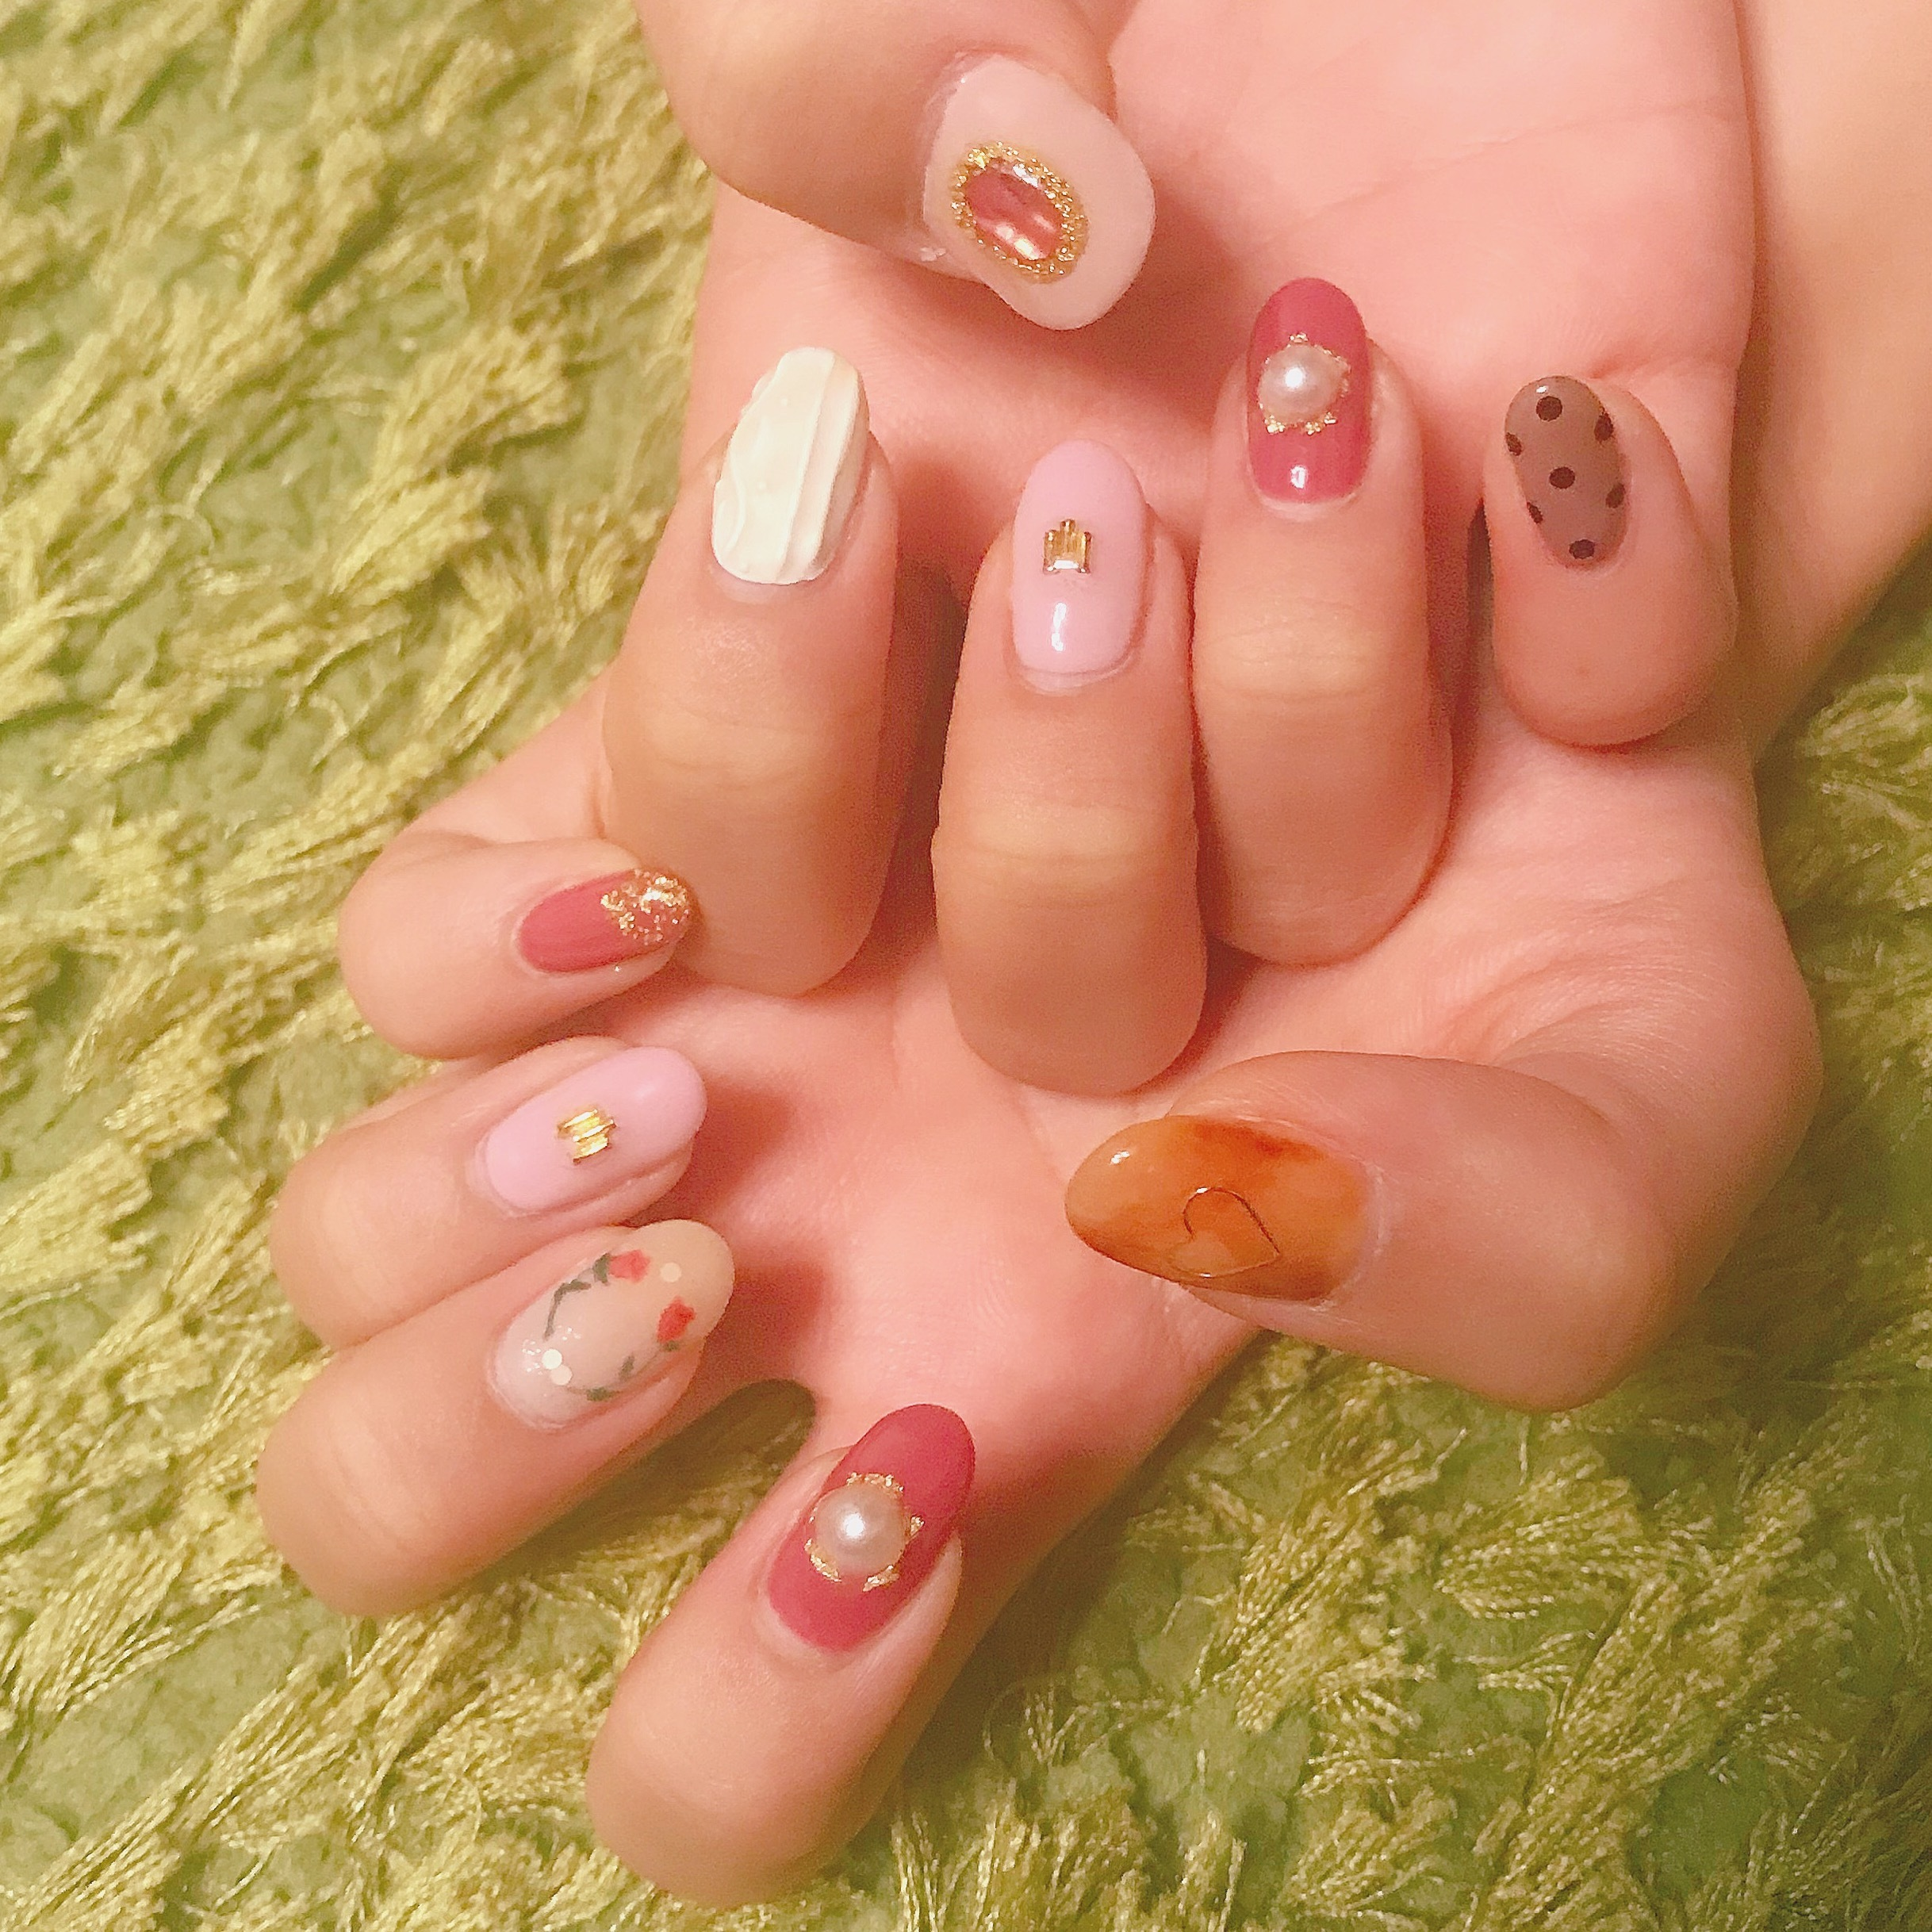 【オシャレは爪先からʕ•̫͡•ʔ♬✧】  この冬におすすめのネイルデザインとは!?_1_2